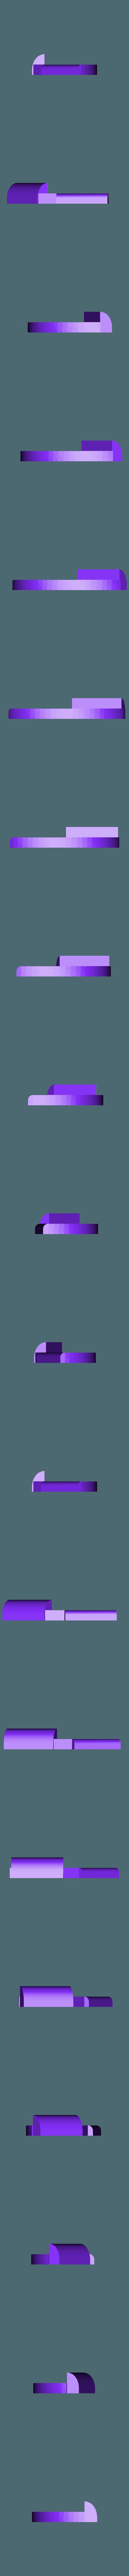 OrangeFacet4.STL Download free STL file SORCE Origami vertex • 3D printer design, byucmr